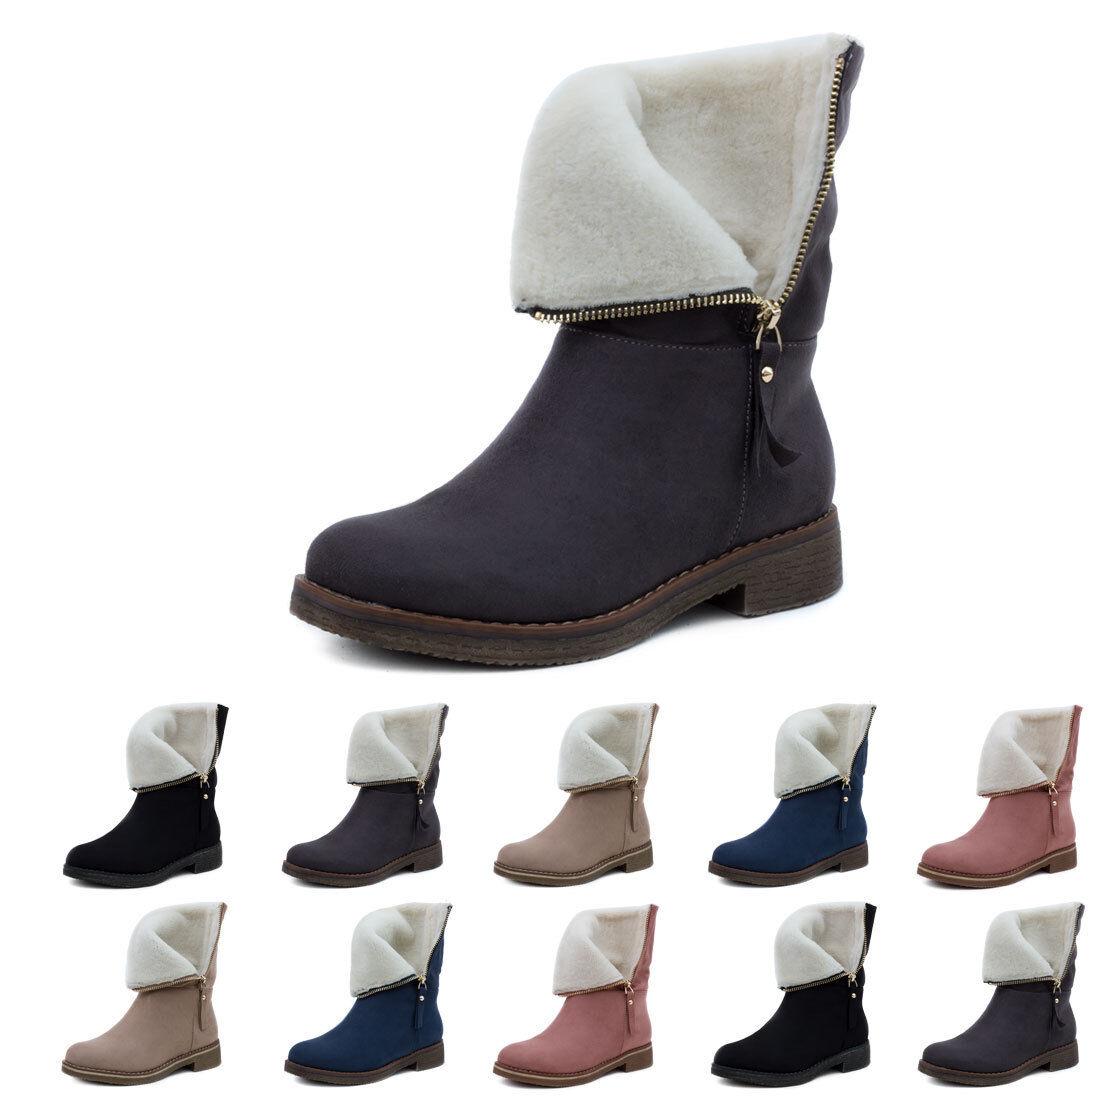 Aktuelle Damen Stiefeletten  Zapatos  botas Winter Warm gefüttert botas  6135 Braun 39 21a102